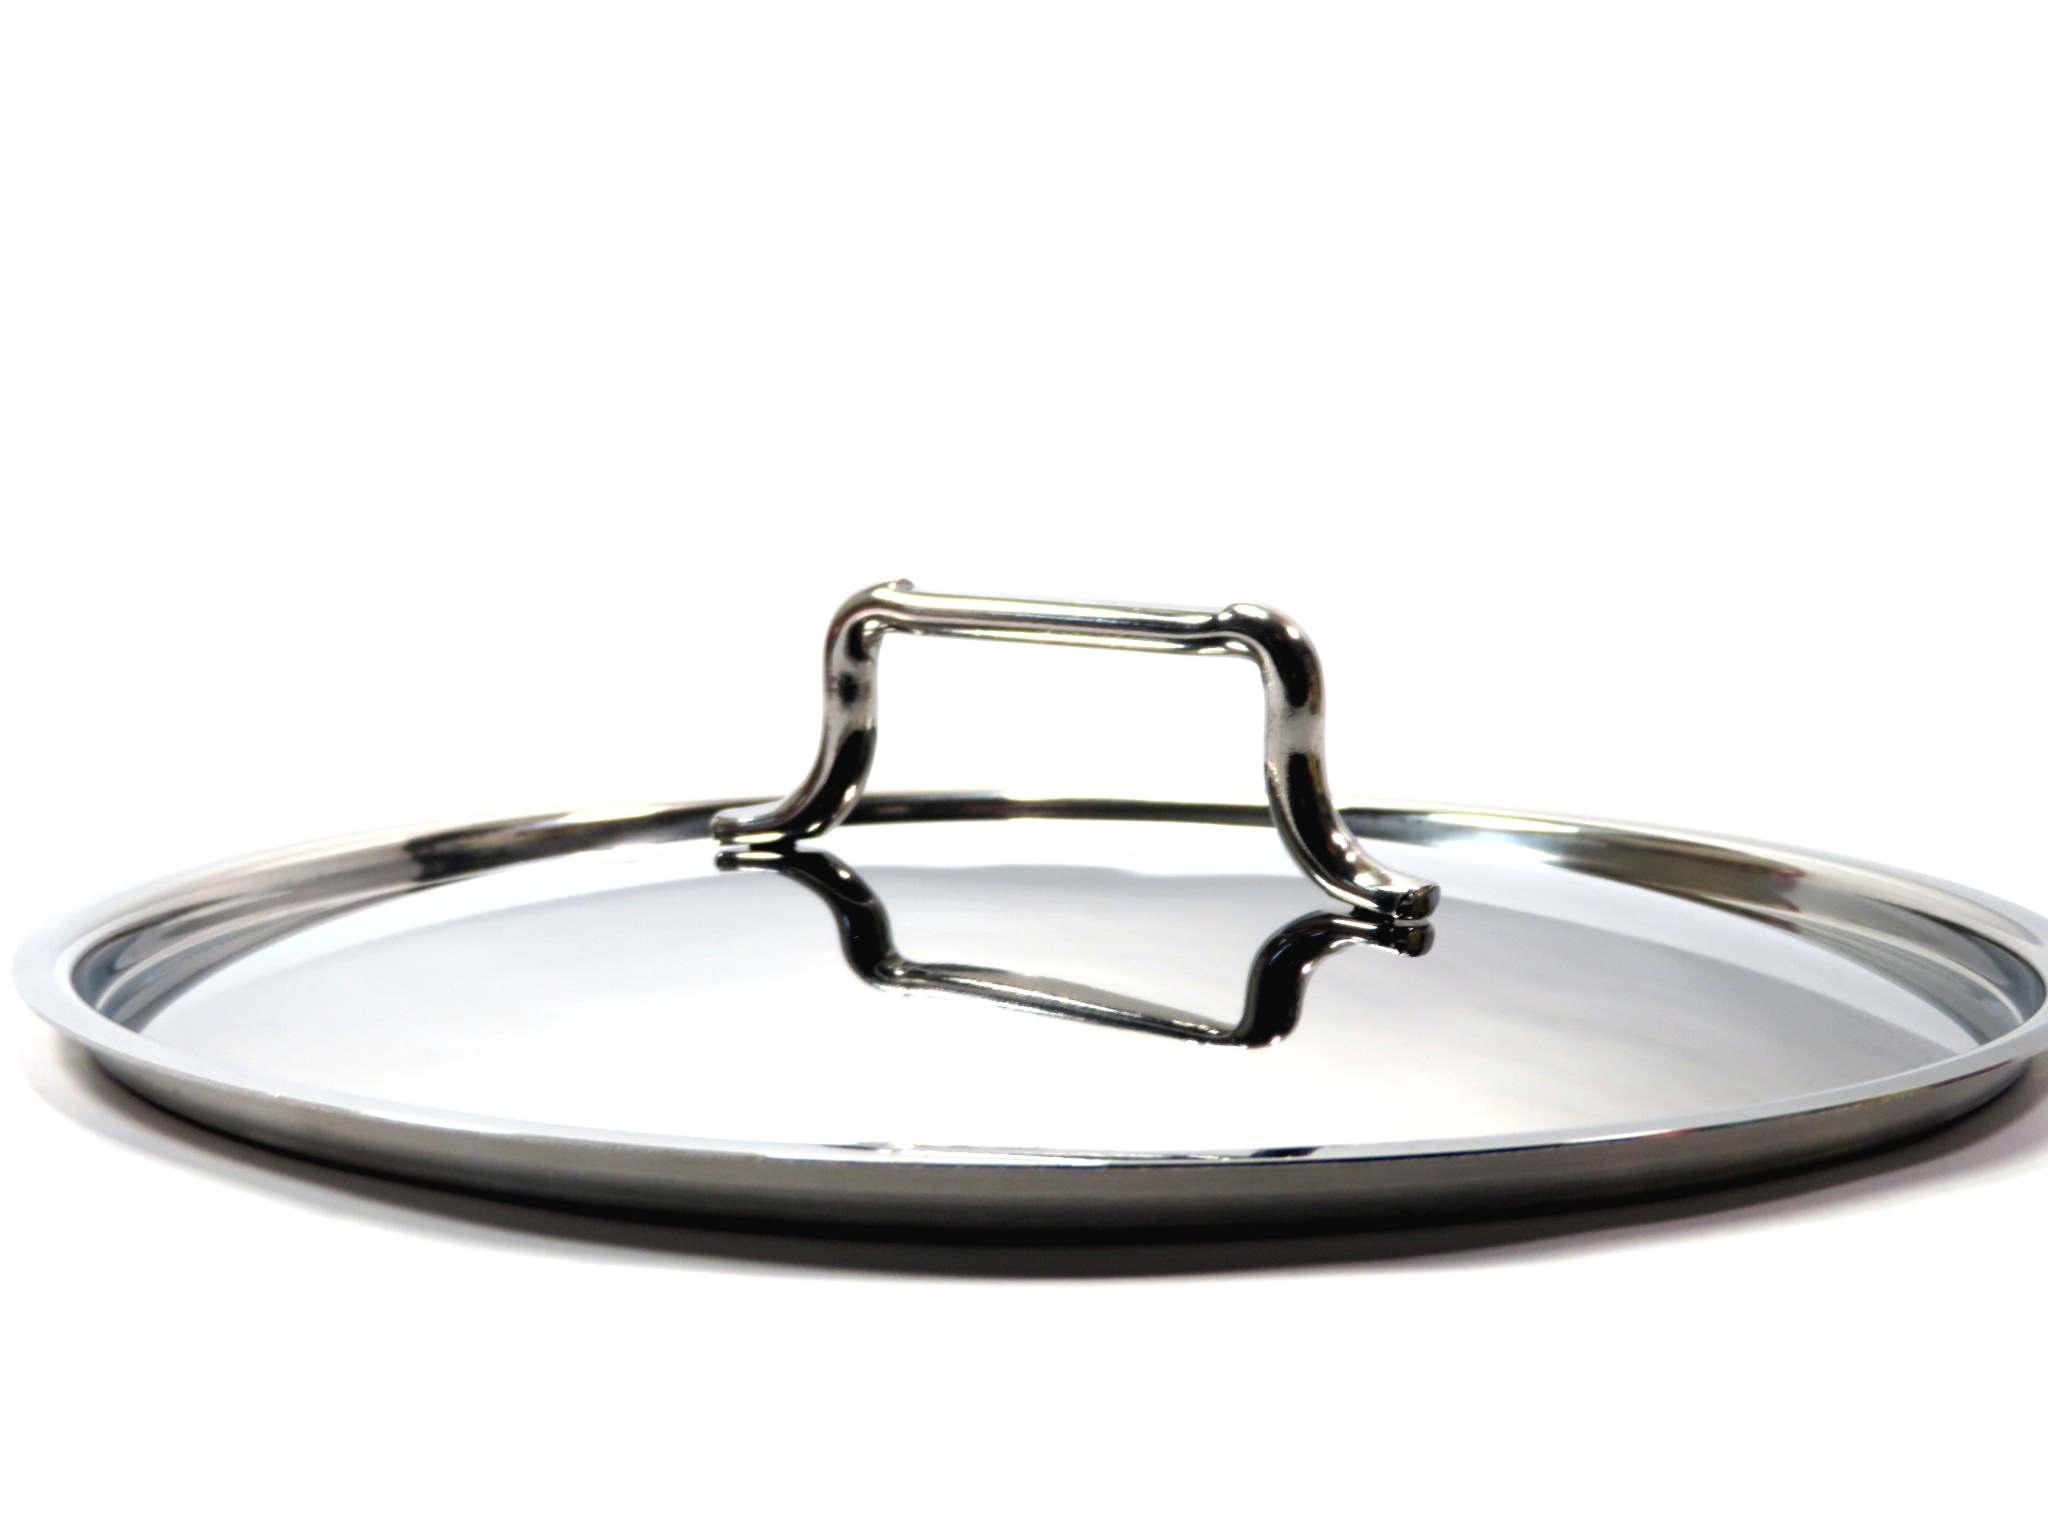 Coperchio in acciaio cm22